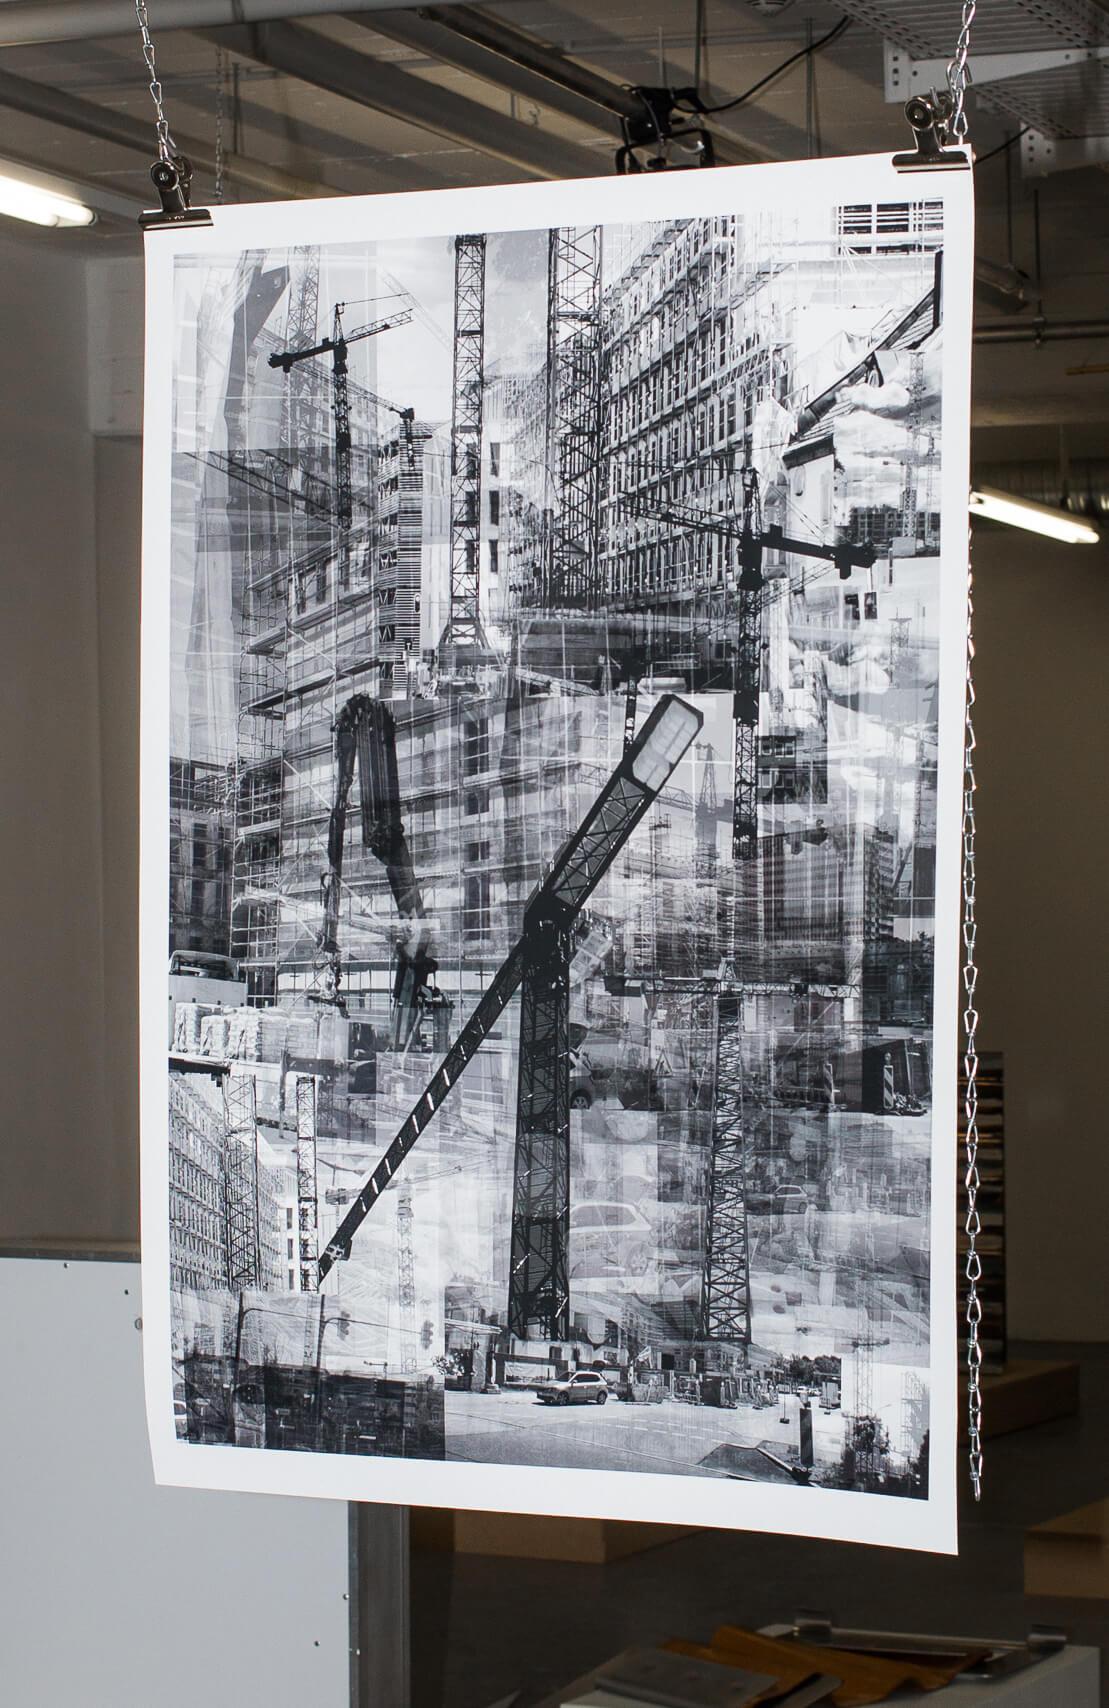 """Das Bild zeigt die Fotoarbeit """"Buastelle"""" von 2020. DIe Schwarzweiß Fotografie hängt an zwei Ketten im Raum. Die Fotografie selber ist eine Collage von unterschiedlichen Baustellenbildern von Hochhäuser, Kränen und Gerüsten."""